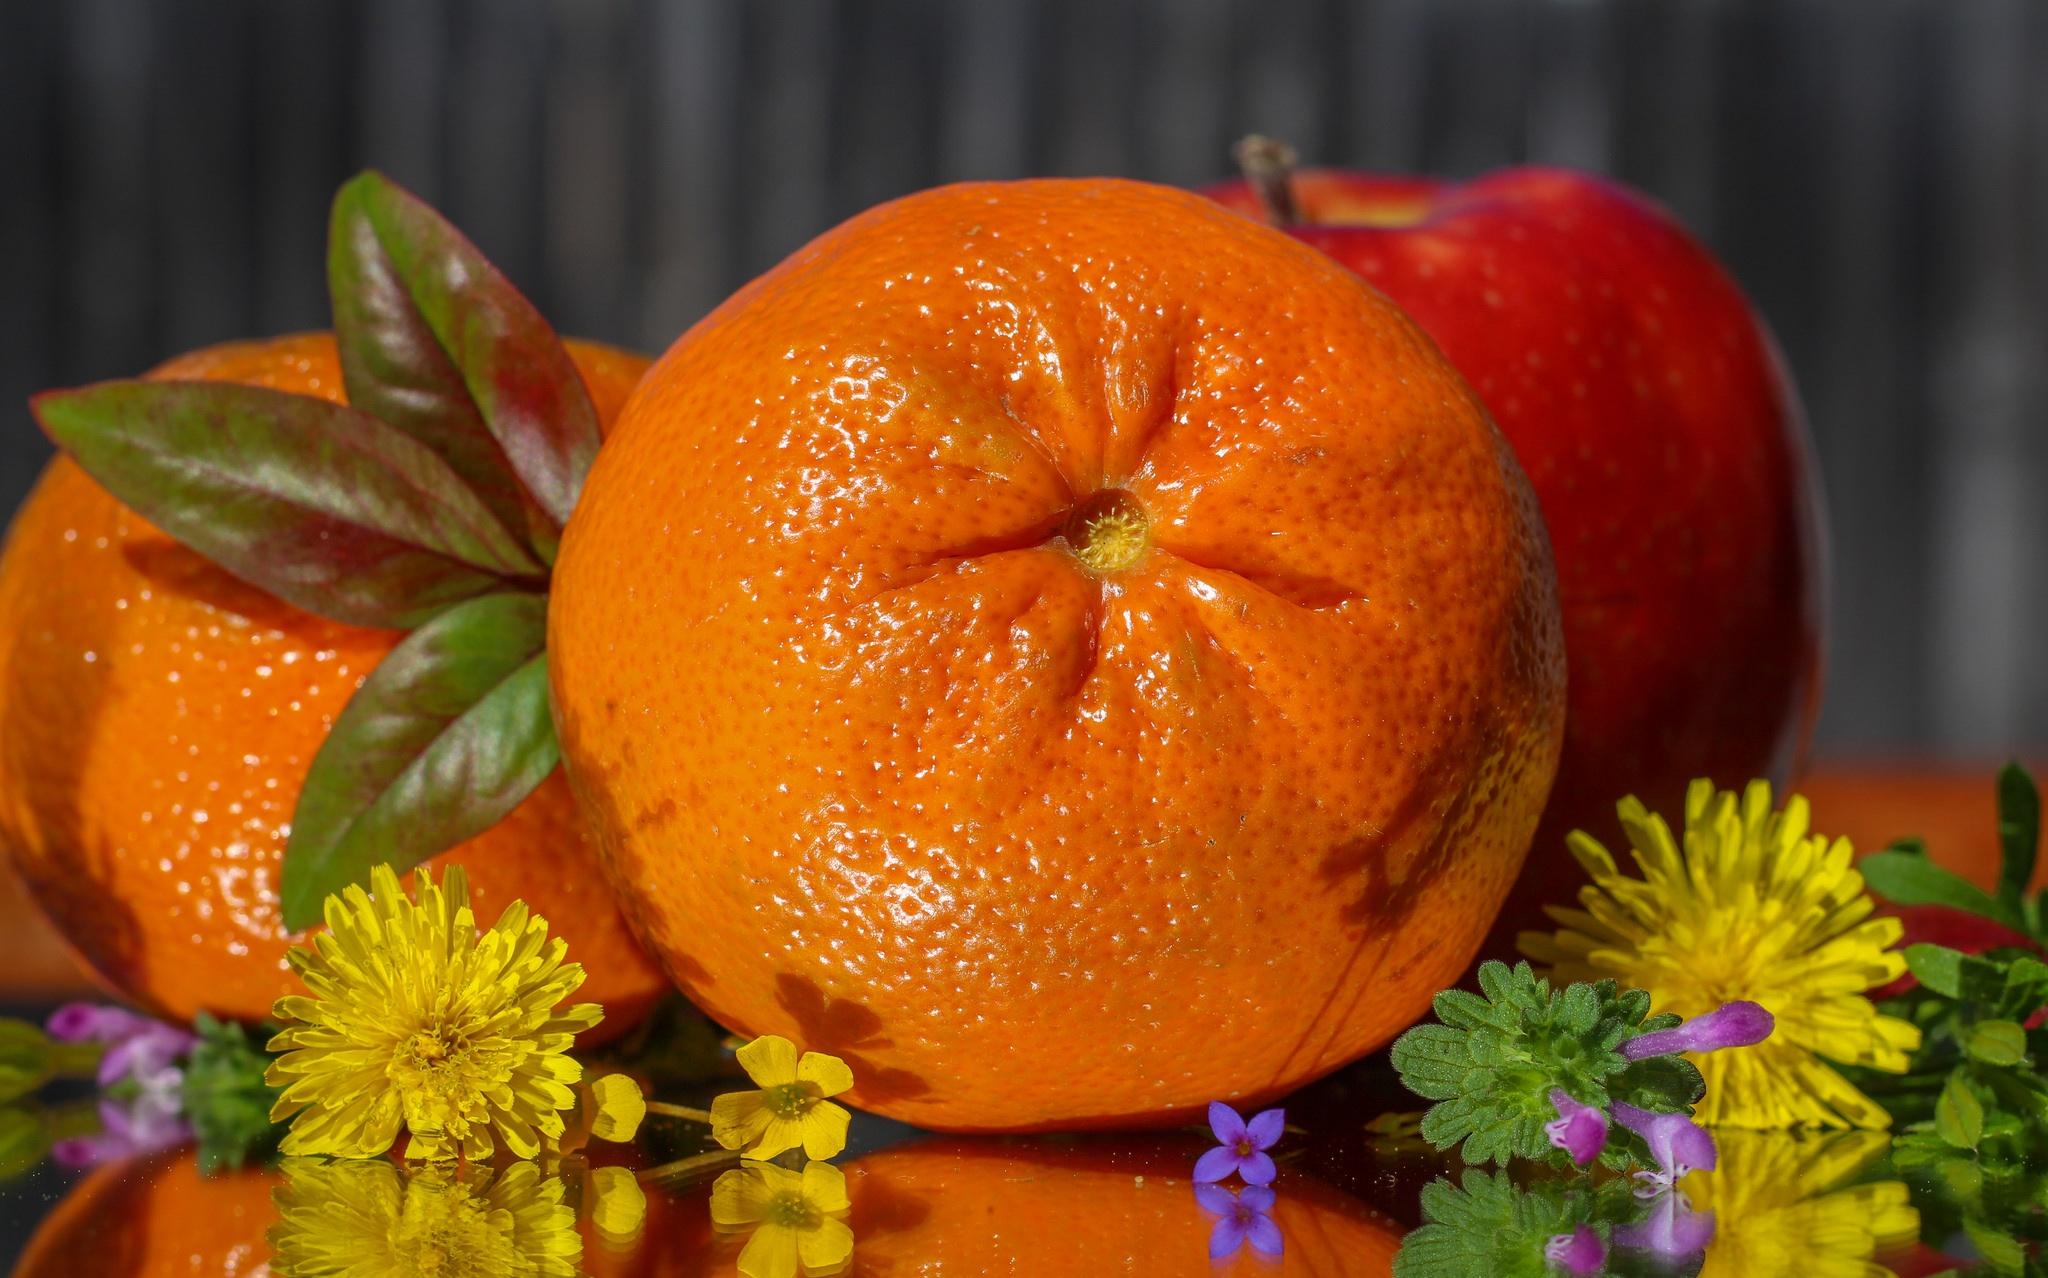 каше фото апельсинов на рабочий стол можно совершать